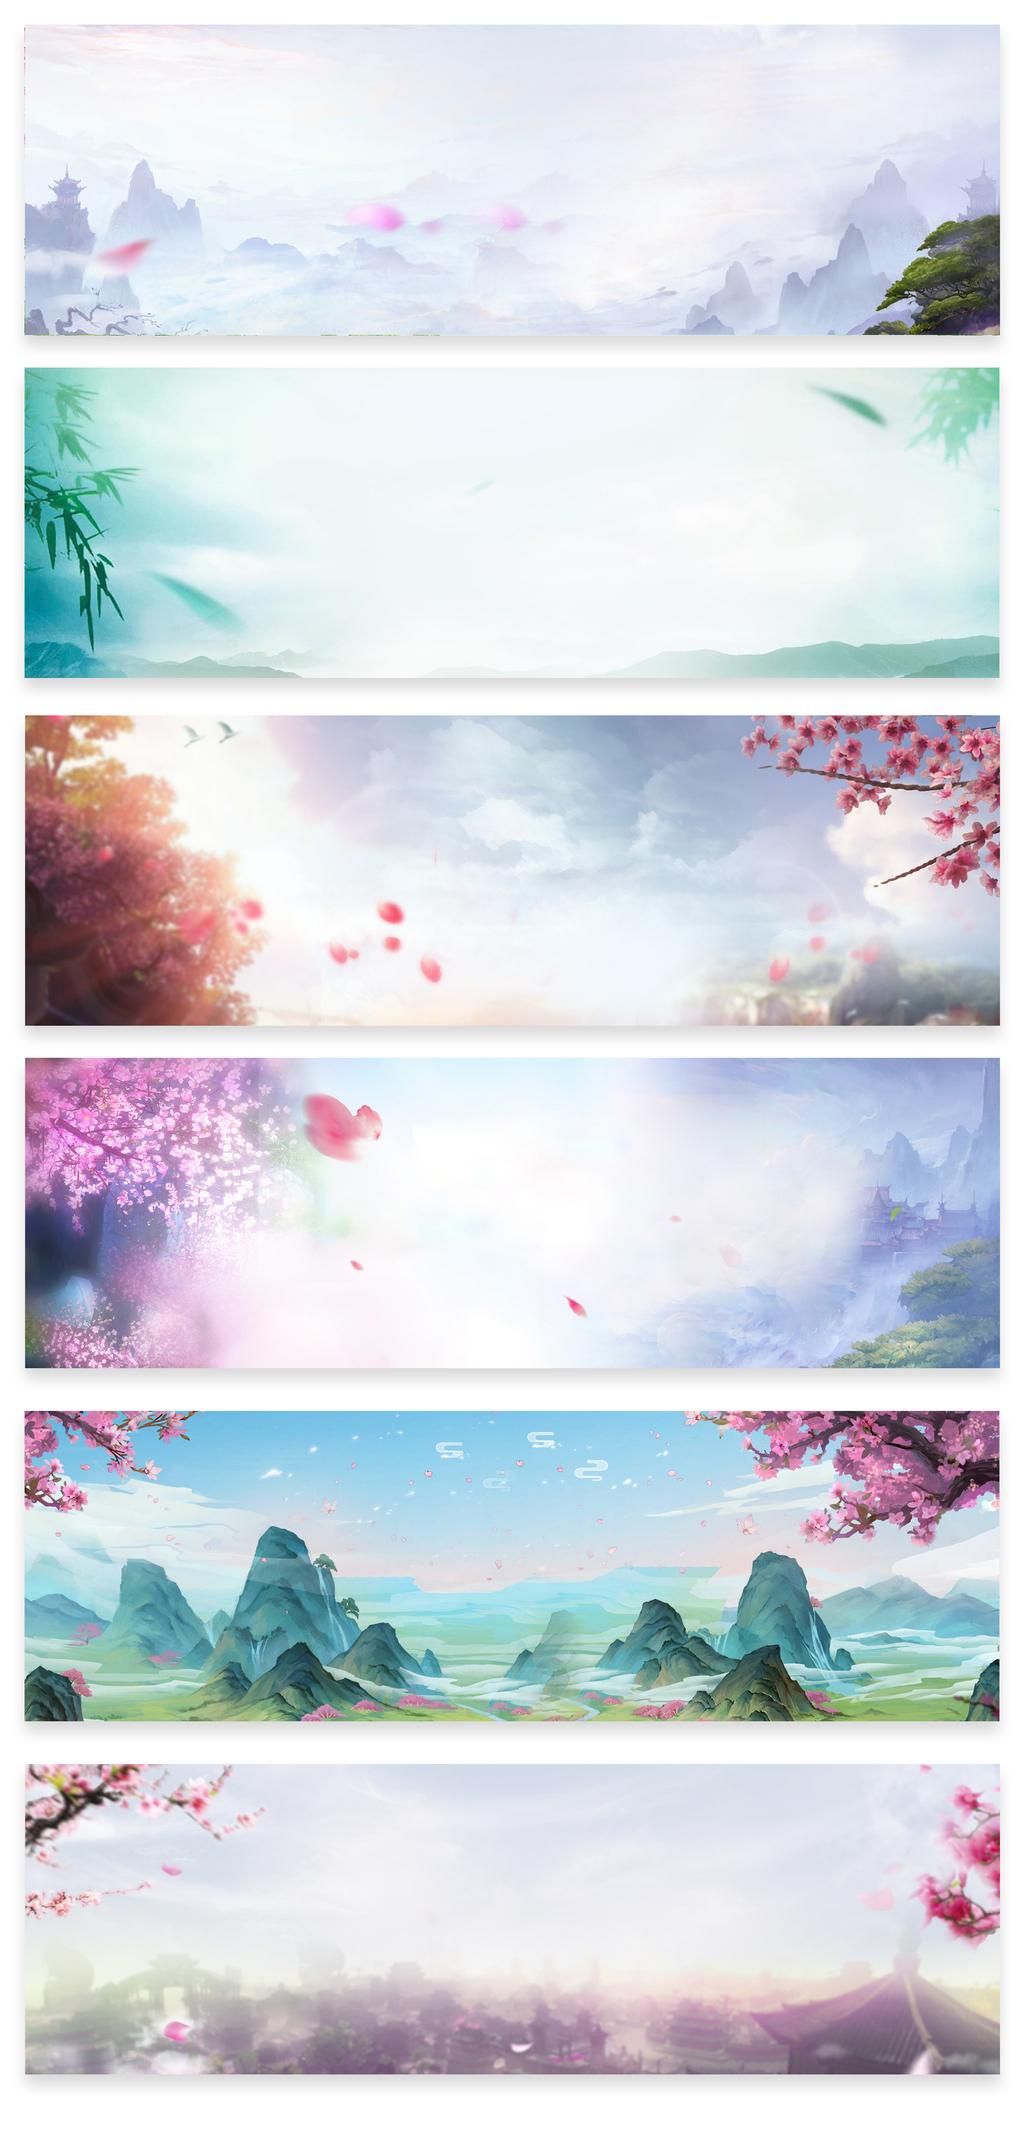 手绘中国风场景背景海报背景图片设计素材_高清psd(36